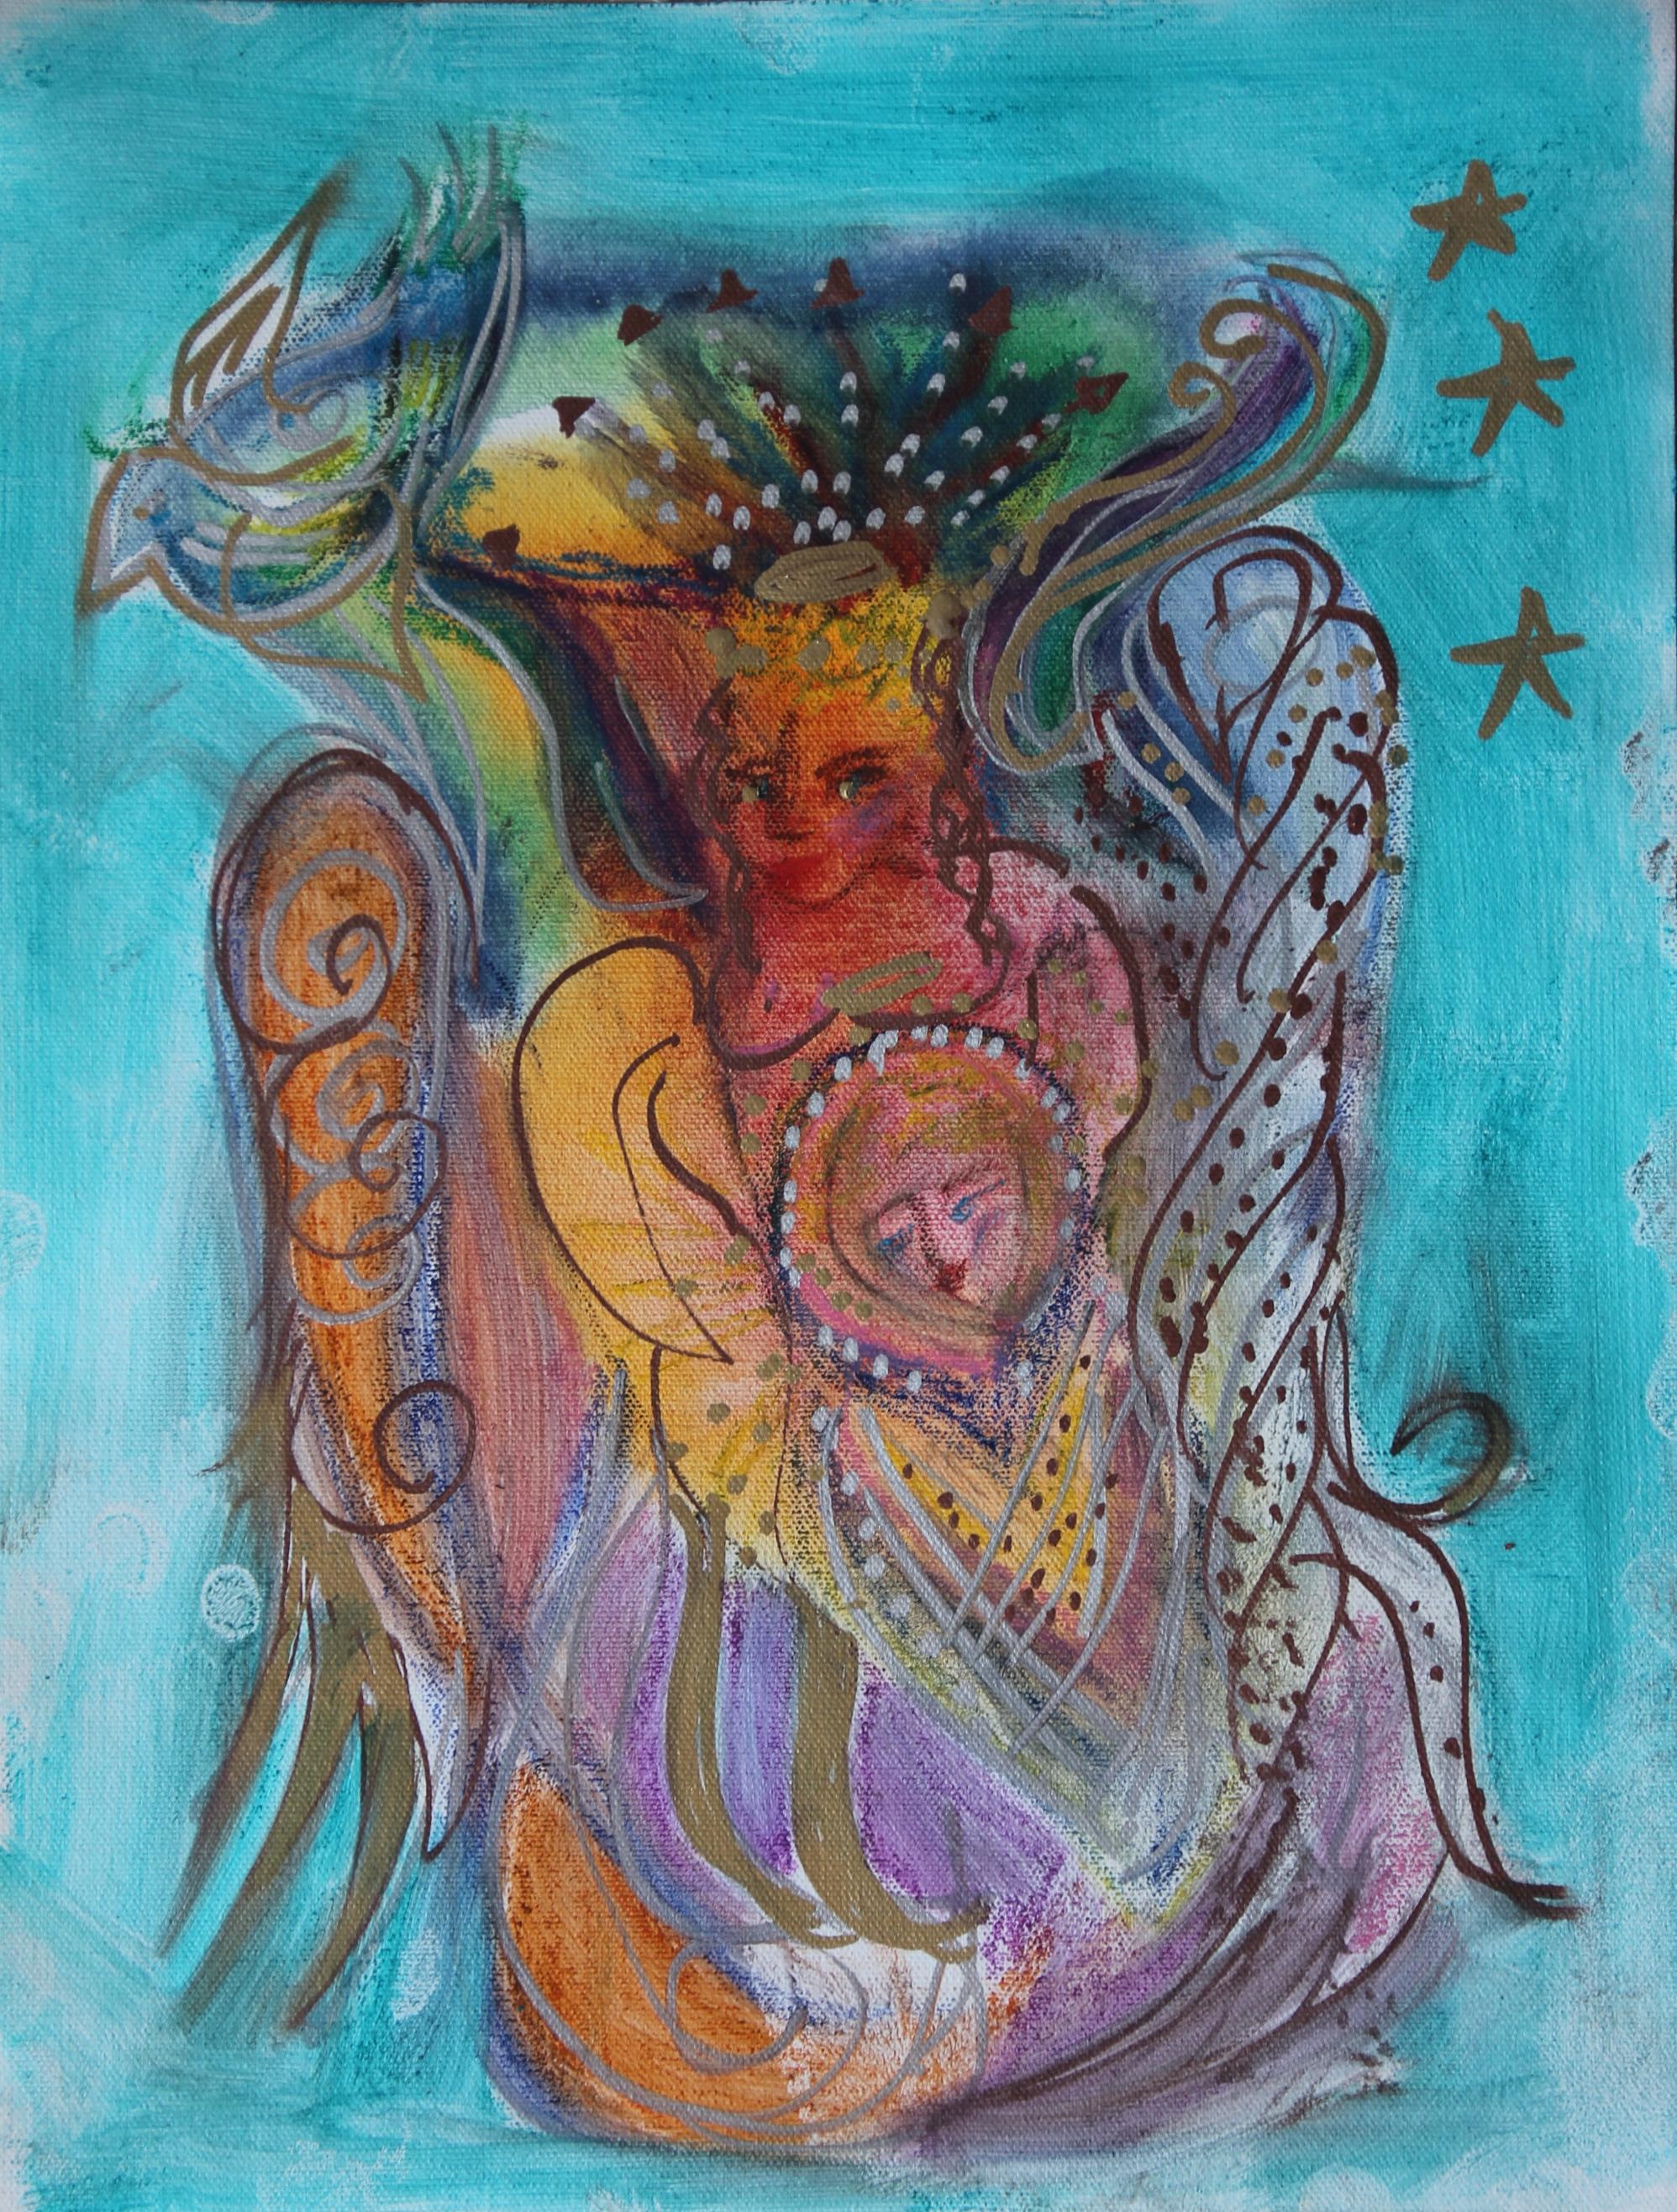 THE ANGEL OF NURSES